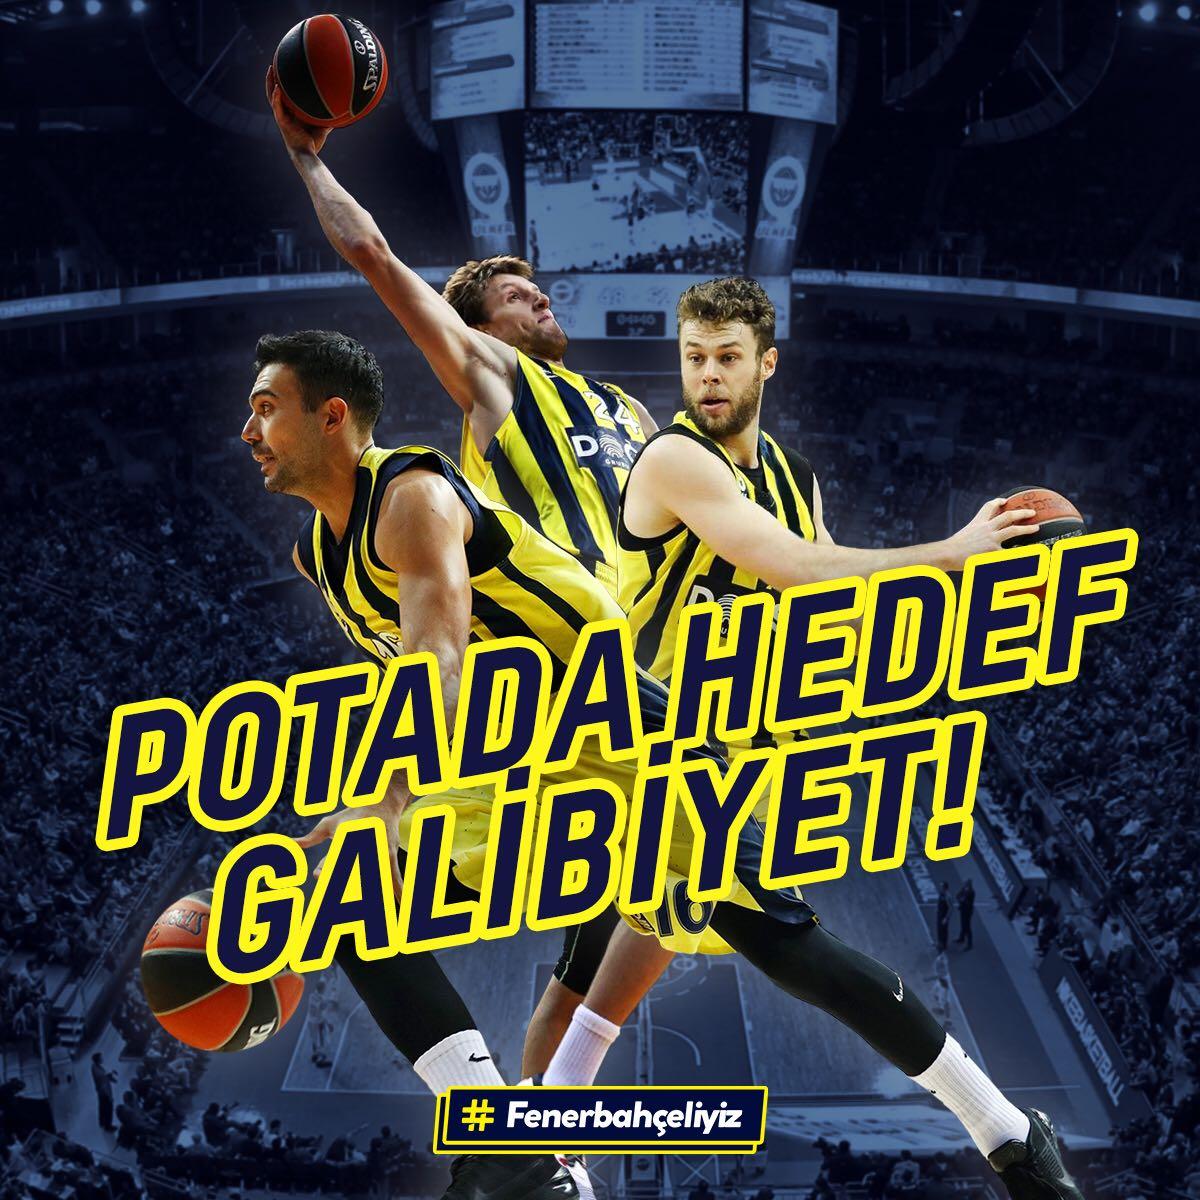 Potada rakip Beşiktaş, hedef galibiyet! Başarılar @FBBasketbol! #TamZamanıŞimdi https://t.co/LDTaXLTfCl